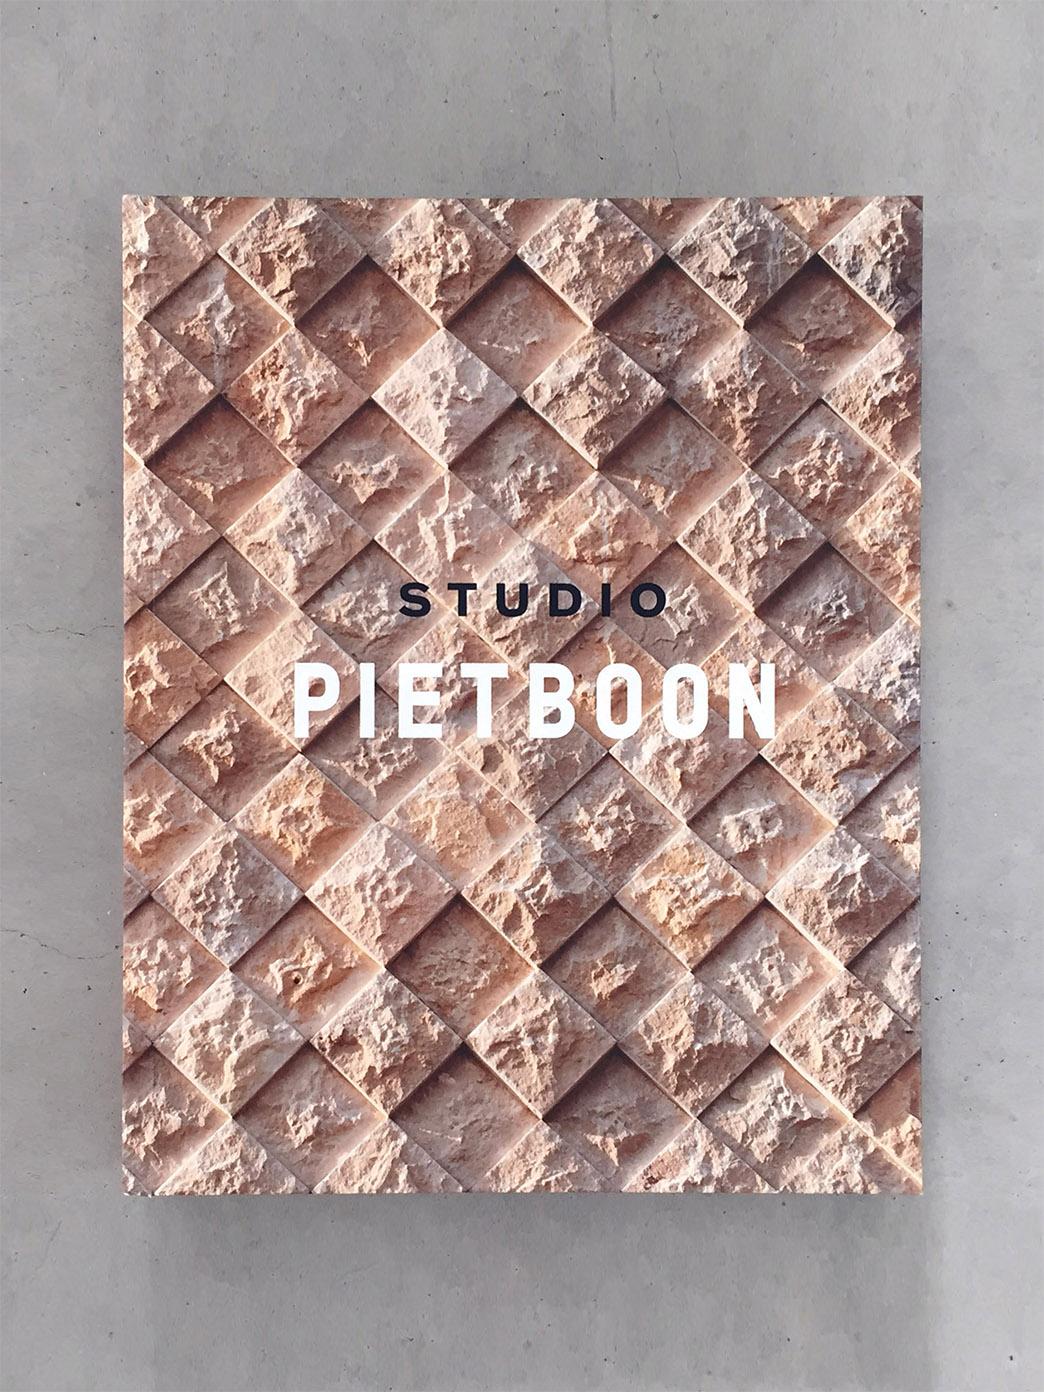 Book Studio Piet Boon